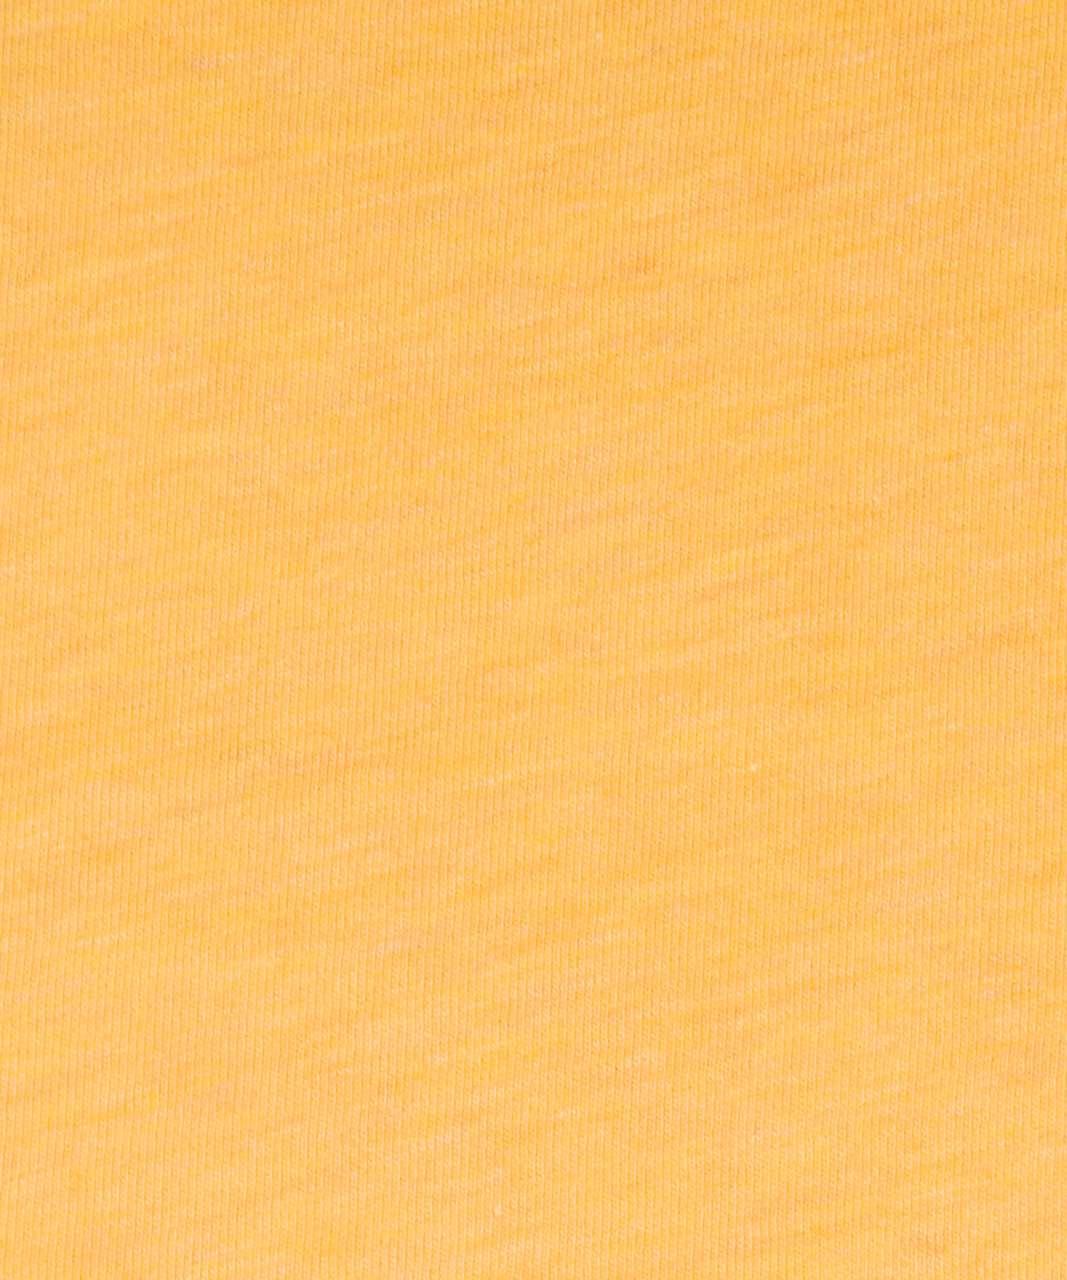 Lululemon Love Tank *Pleated - Heathered Honey Lemon